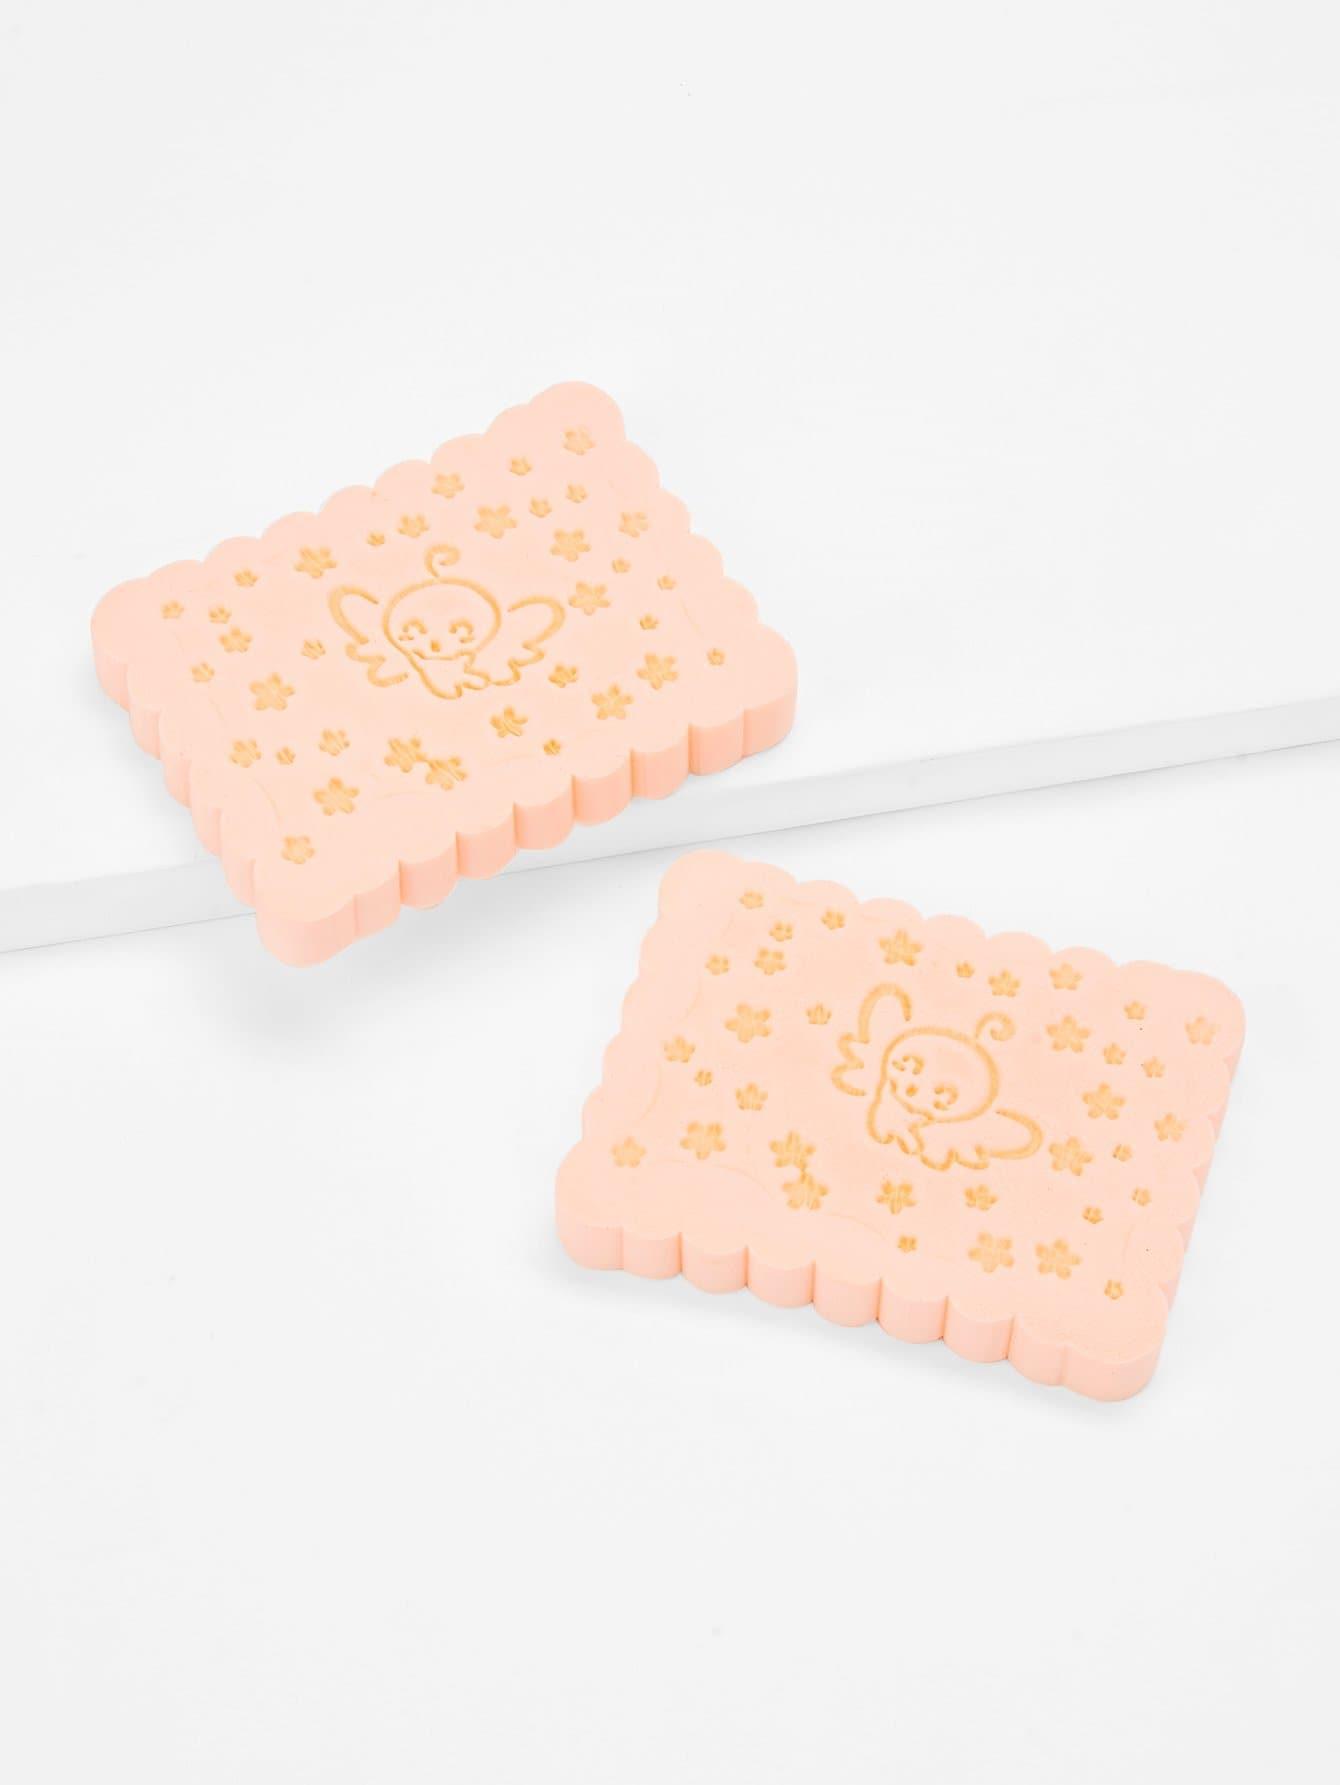 Facial Cleansing Sponge 2pcs 2pcs tongue